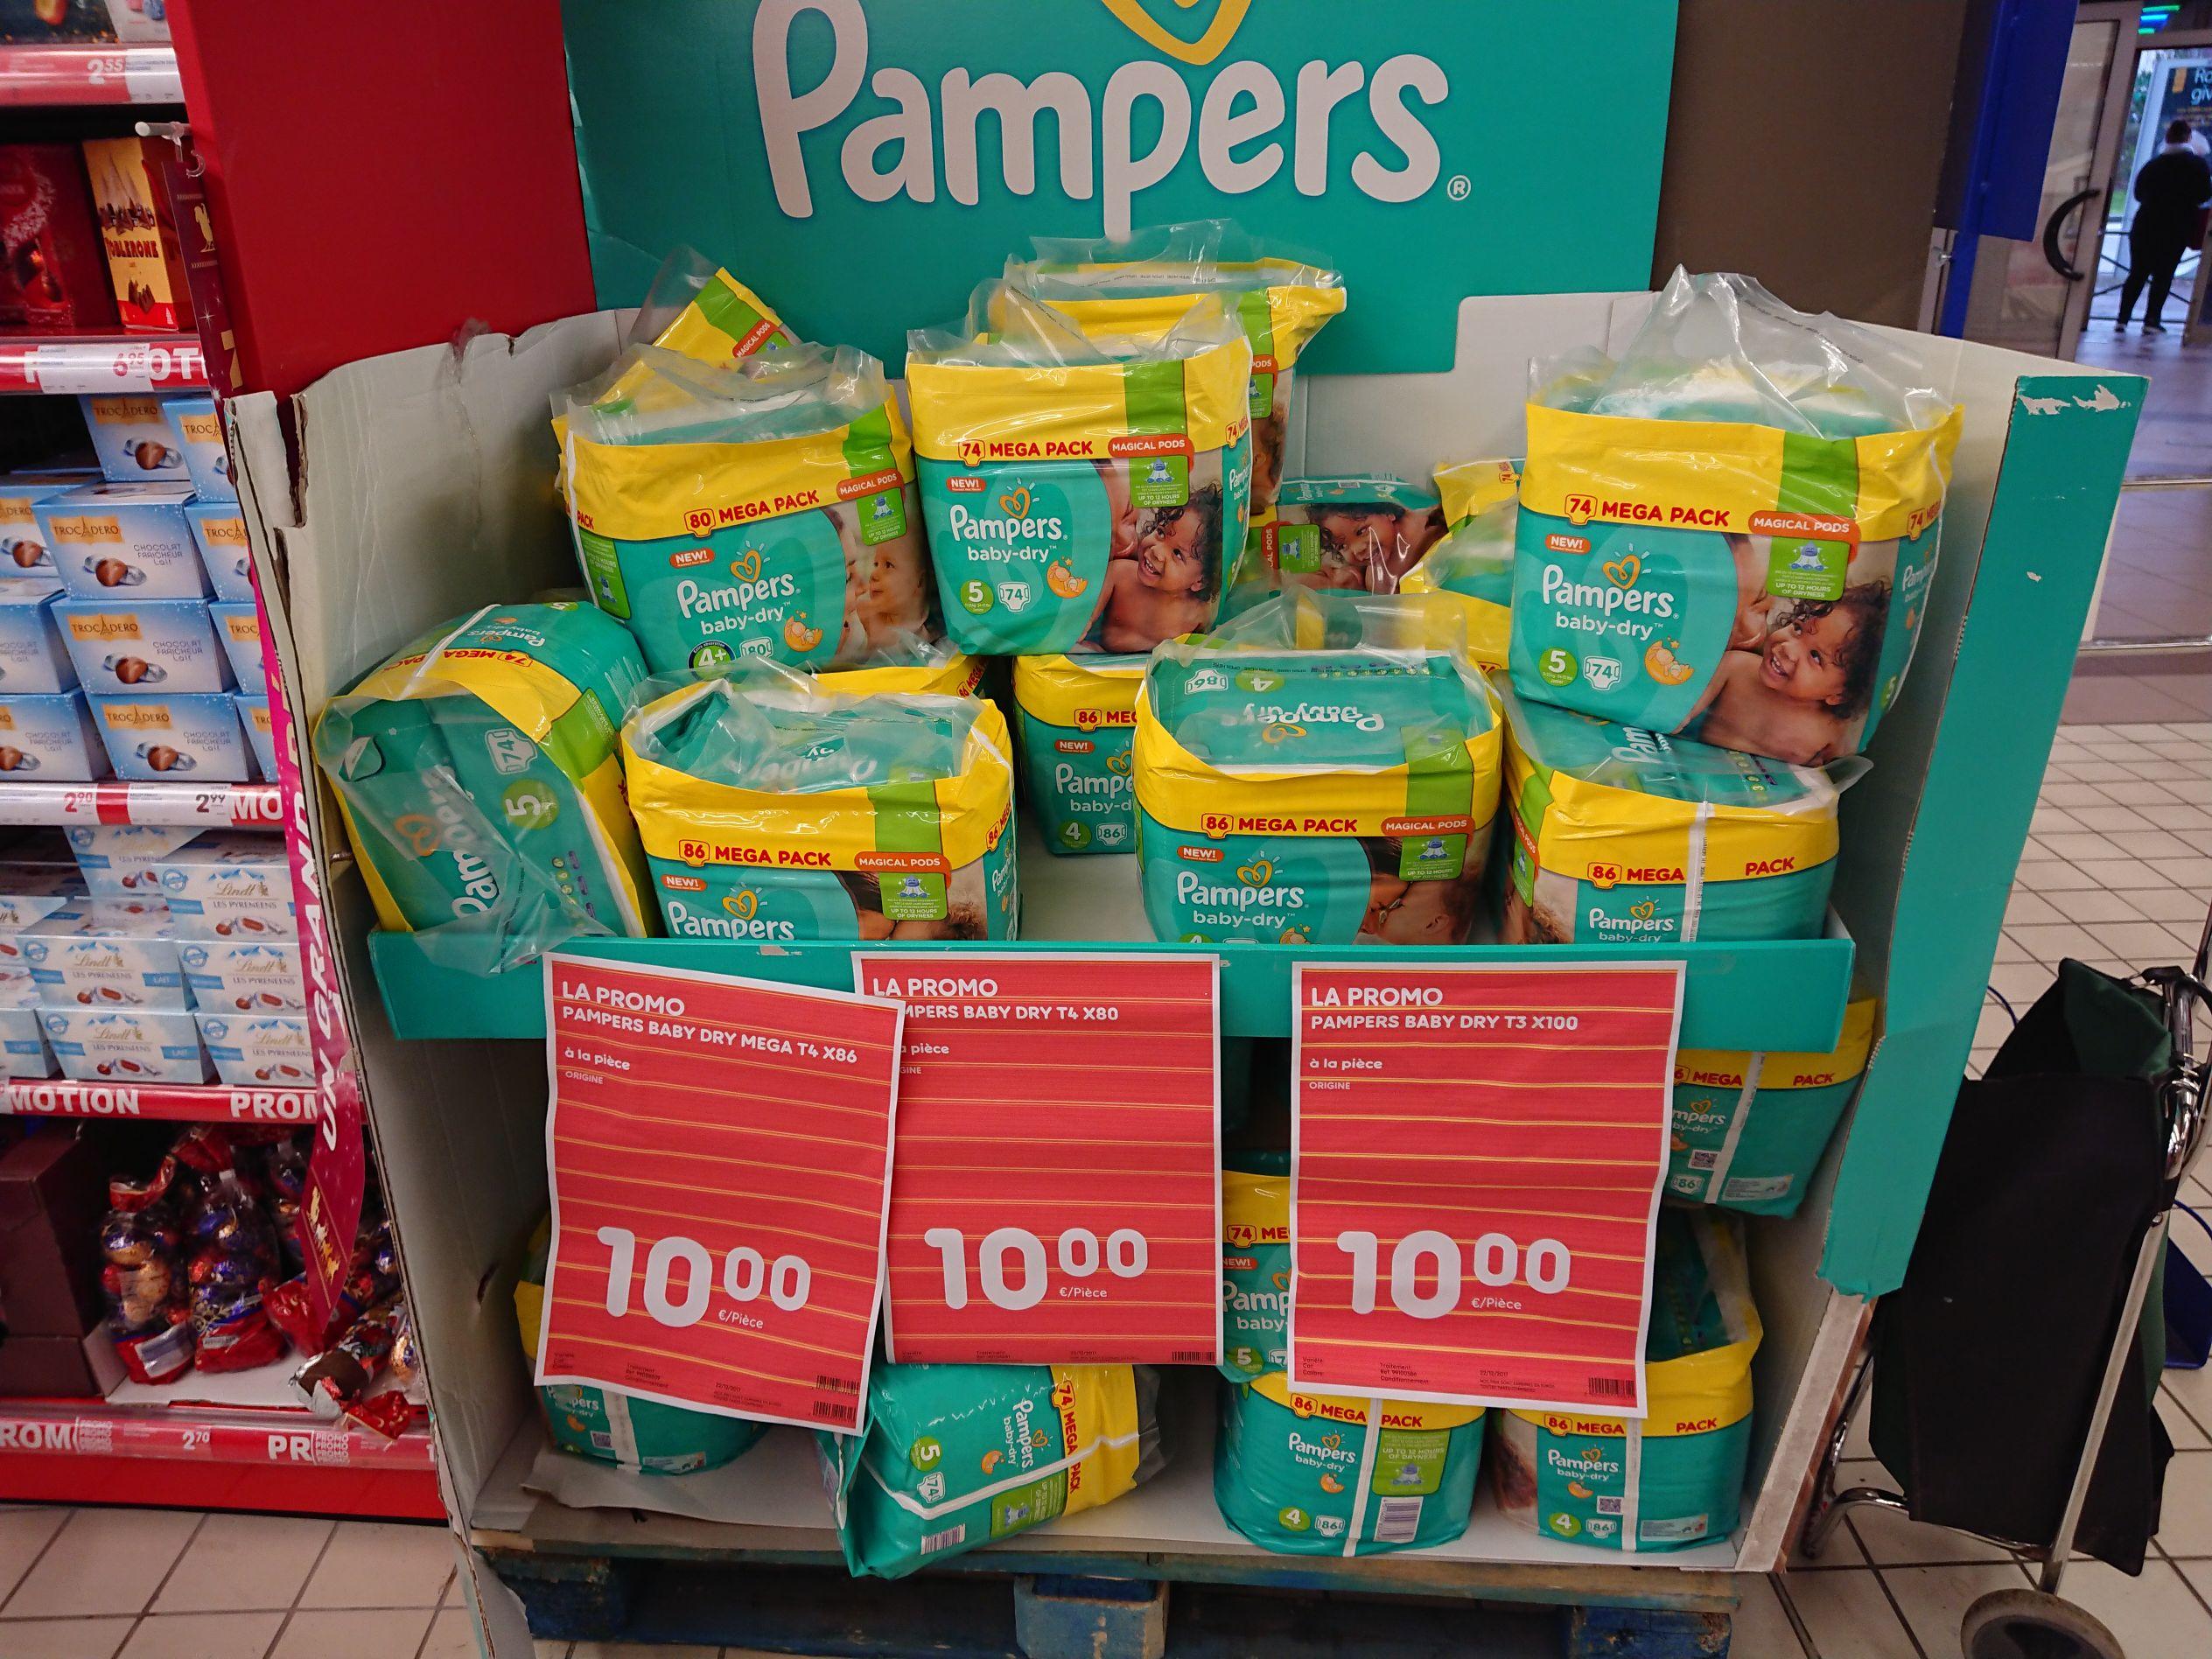 S lection de paquets de couches pampers 10 ex - Combien coute un paquet de couche pampers ...